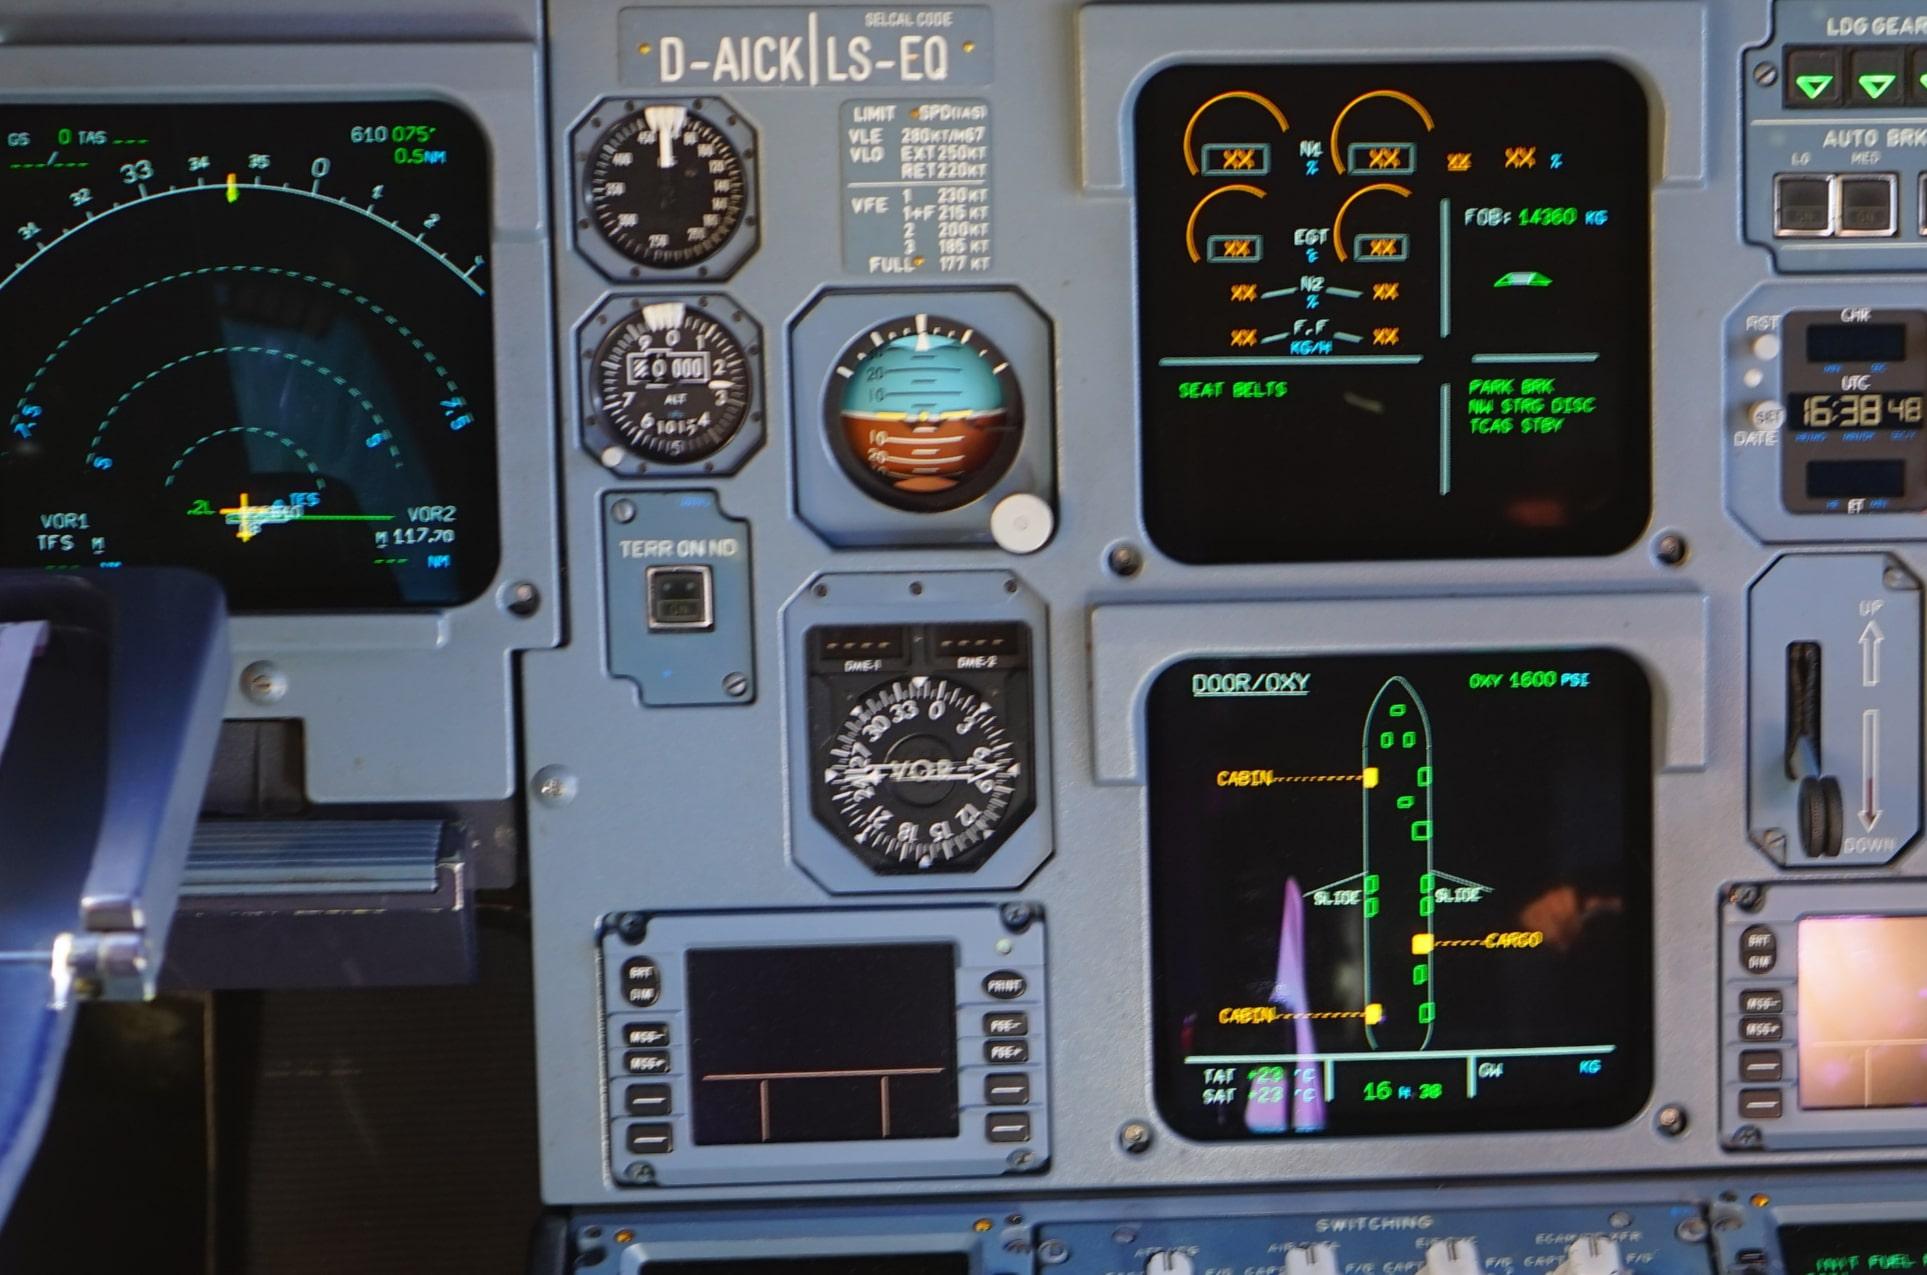 Моделирование систем управления полетом с помощью встроенного программного обеспечения в контуре